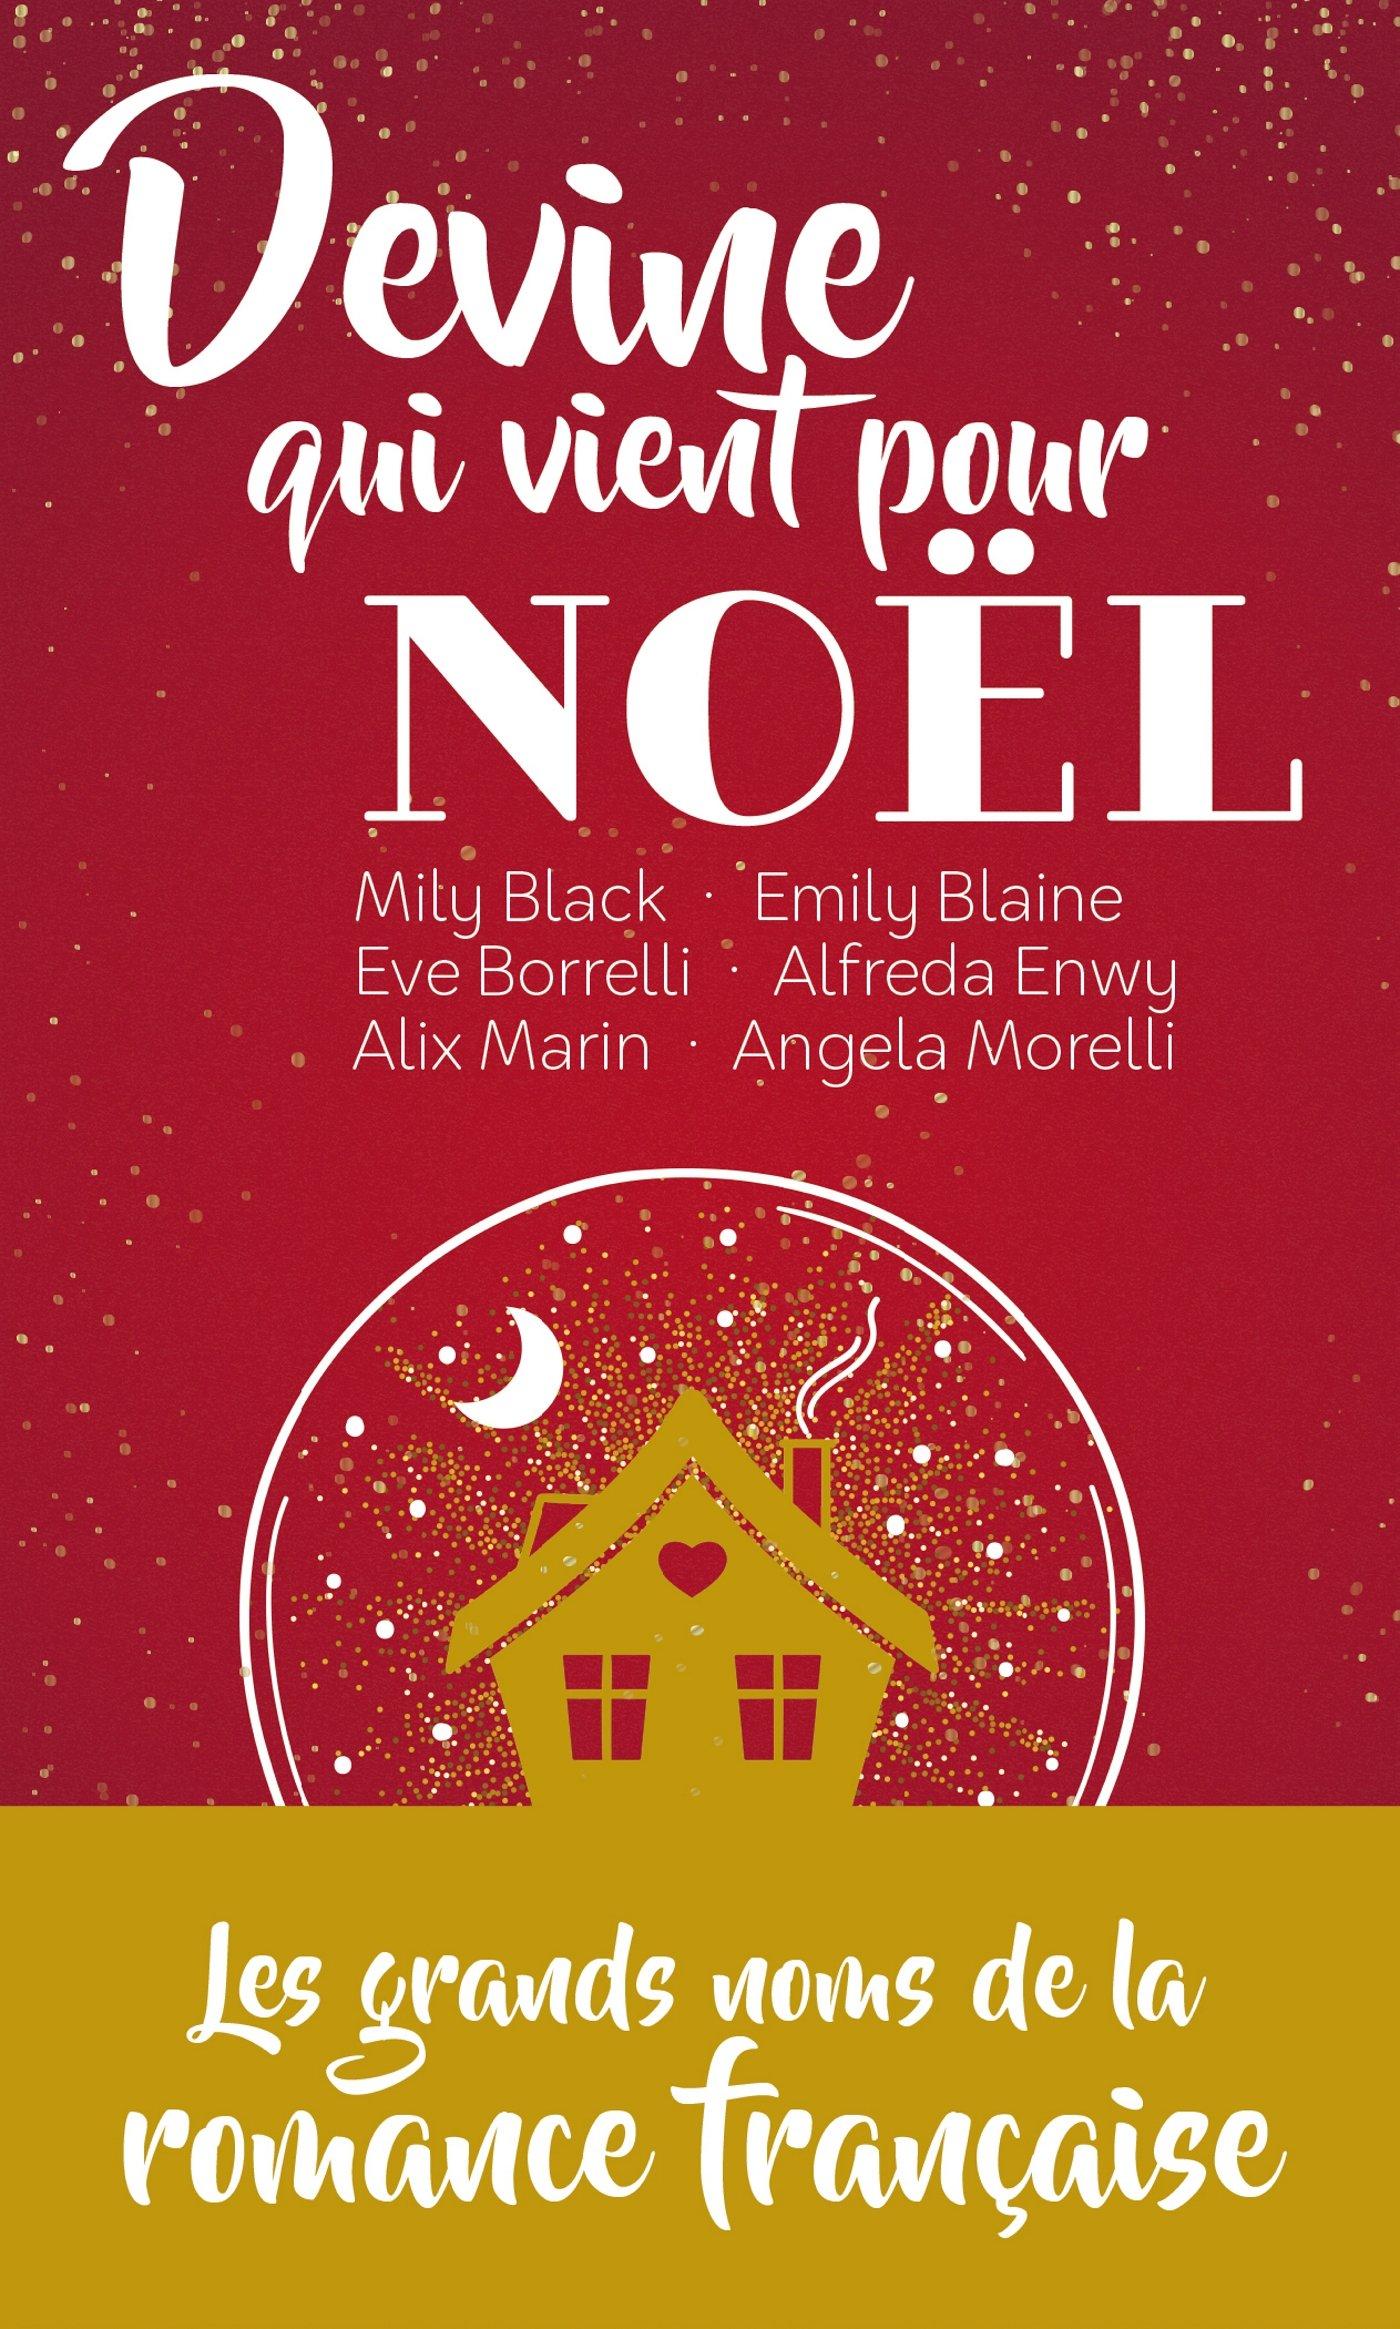 Devine qui vient pour Noël de Mily Black, Emily Blaine, Eve Borelli, Alfreda Enwy, Alix Marin et Angela Morelli. 81yQ9v5ibnL